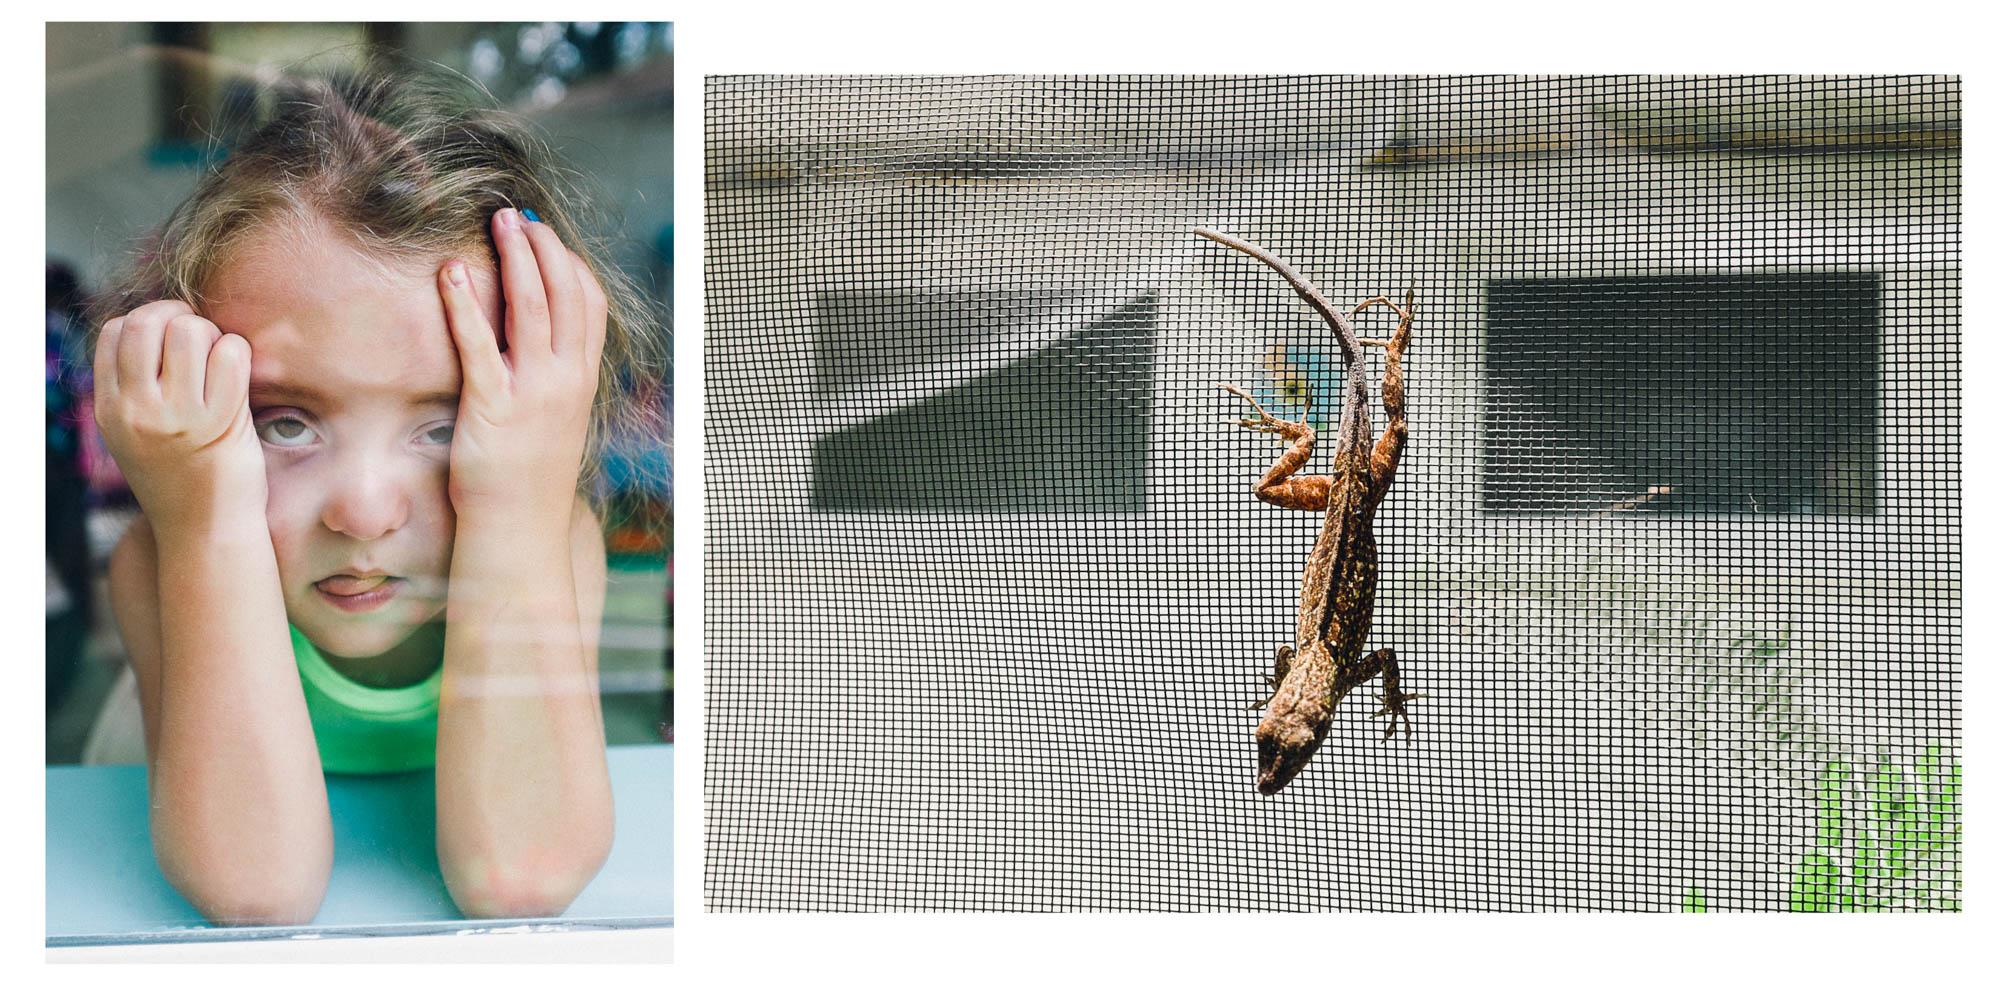 Carlos_Detres_Photo_Carlos_Detres_Photo_150623_Dead Lizard Face.jpg